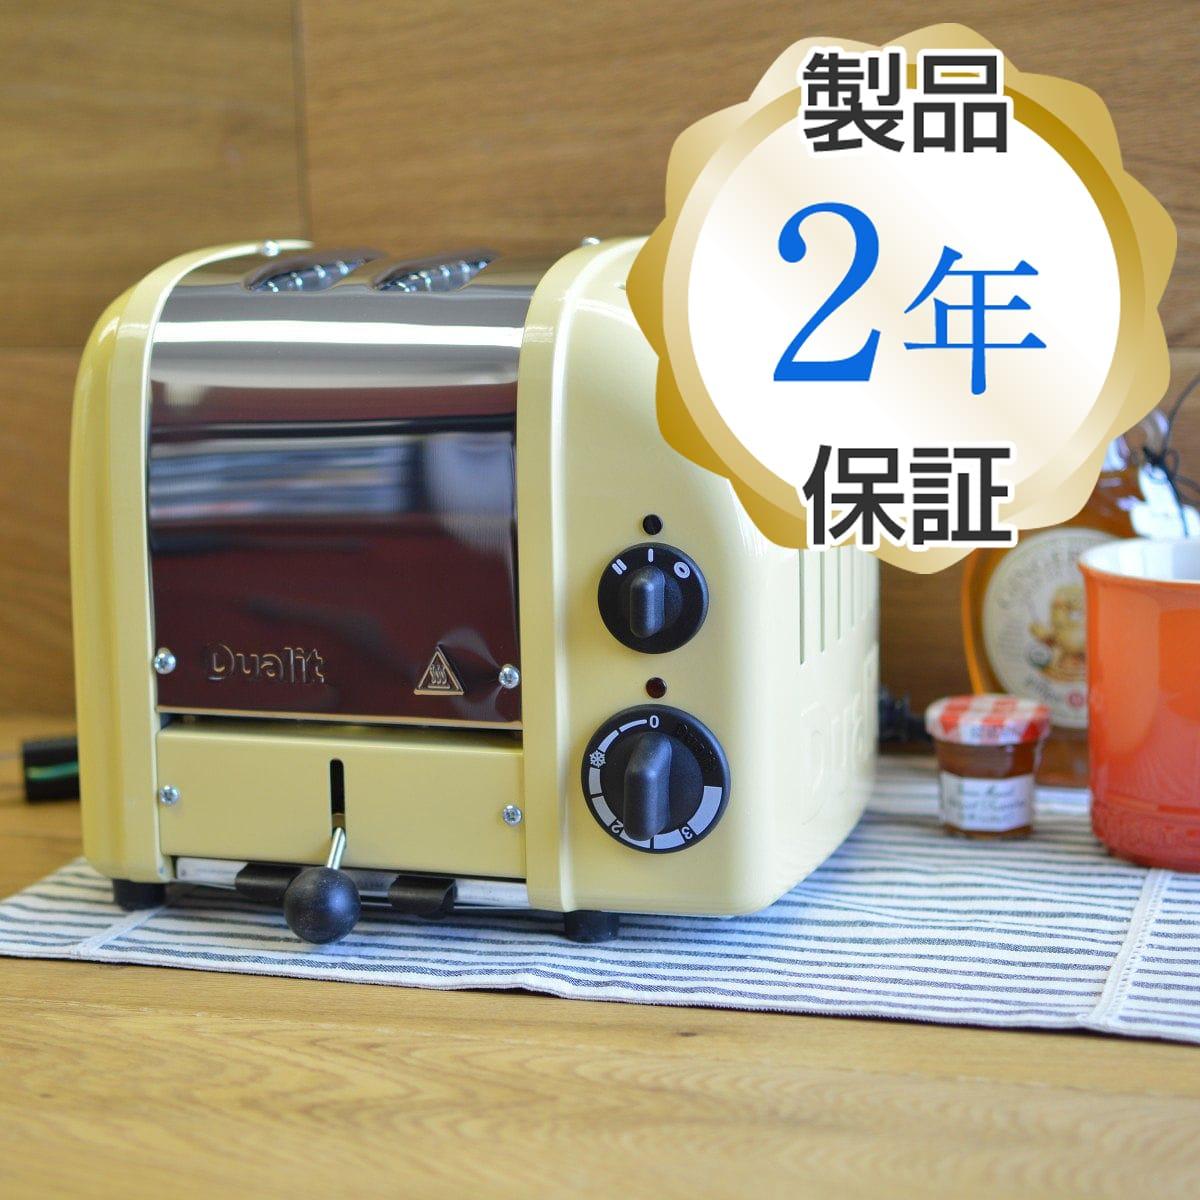 デュアリット 2枚焼き トースター イエローDualit Yellow Two-Slice Toaster